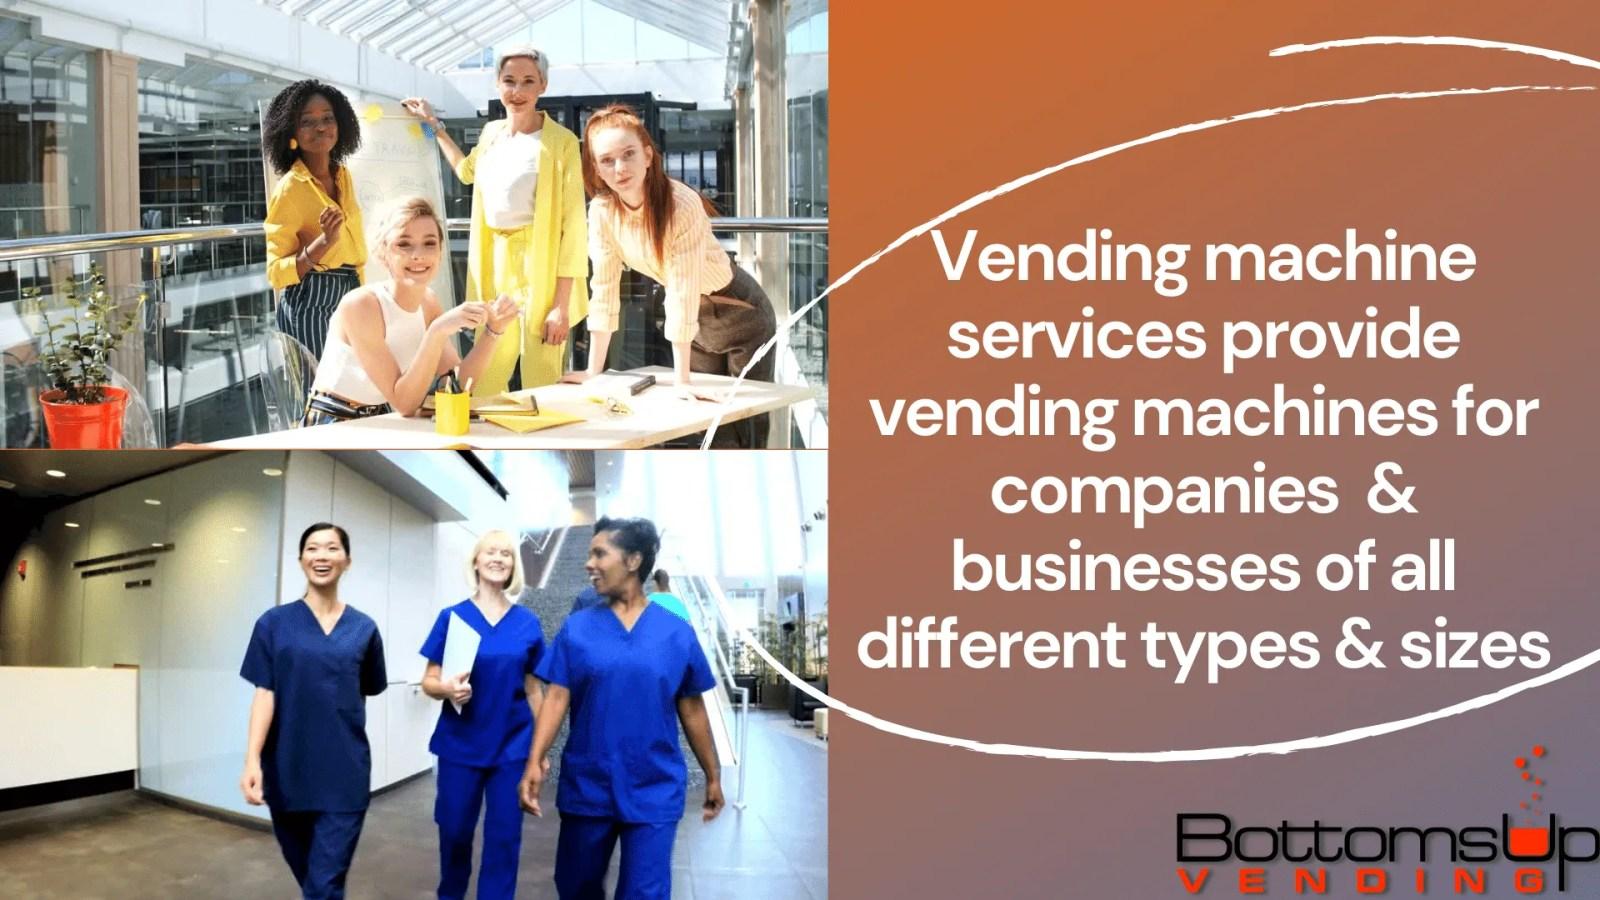 Full Service vending | Self-fill or full-service vending